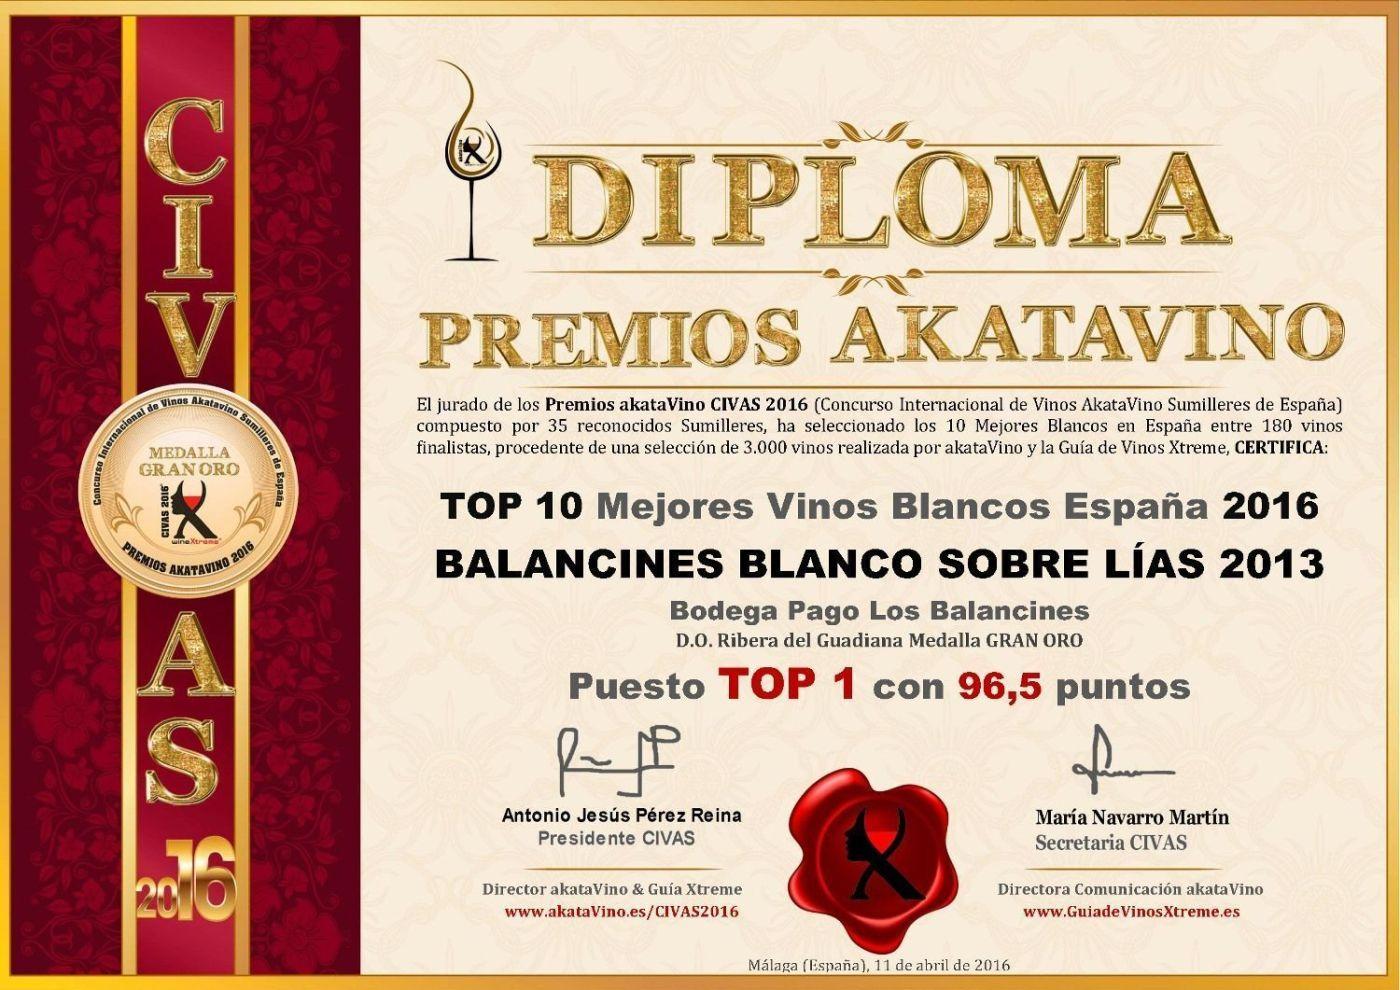 Top 1 Balancines Blanco Sobre Lias 2013 Top 10 Mejores Vinos Blancos en España 2016 © akataVino.es